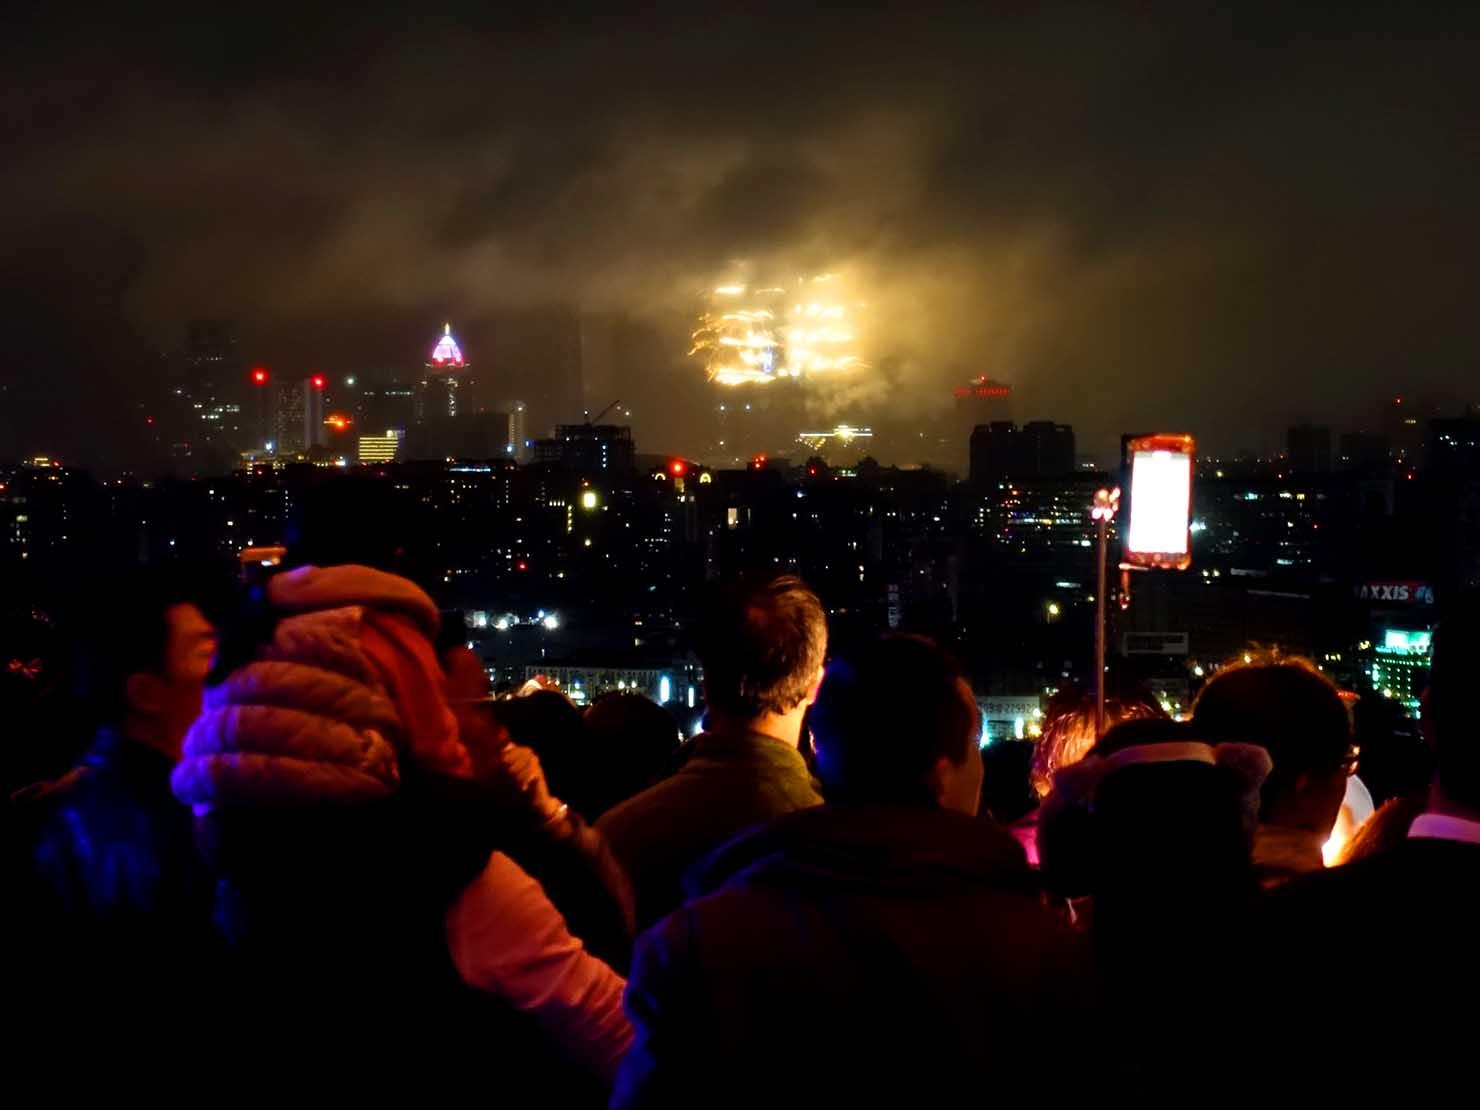 台北・圓山大飯店のカウントダウンパーティー「Bling Bling跨年派對」会場の屋外テラスから眺める台北101の花火